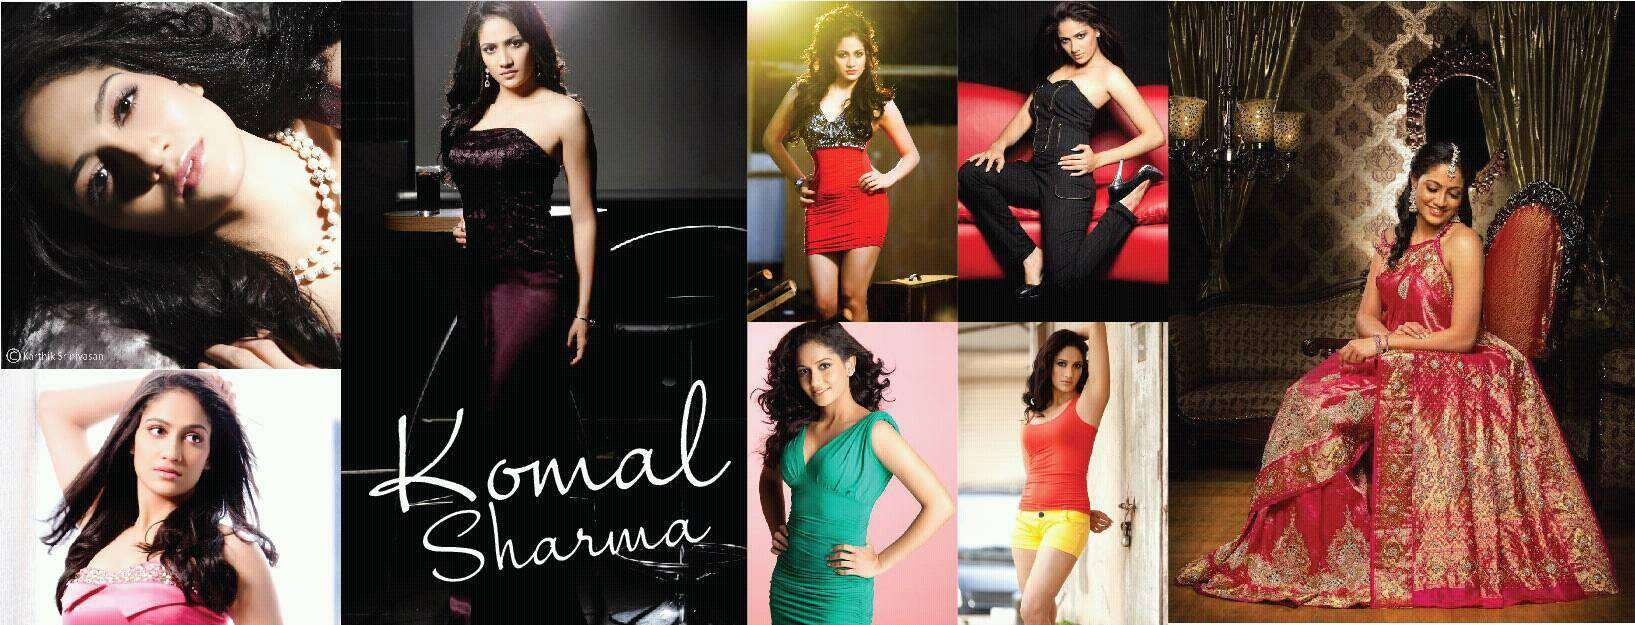 Komal-Sharma-5-2